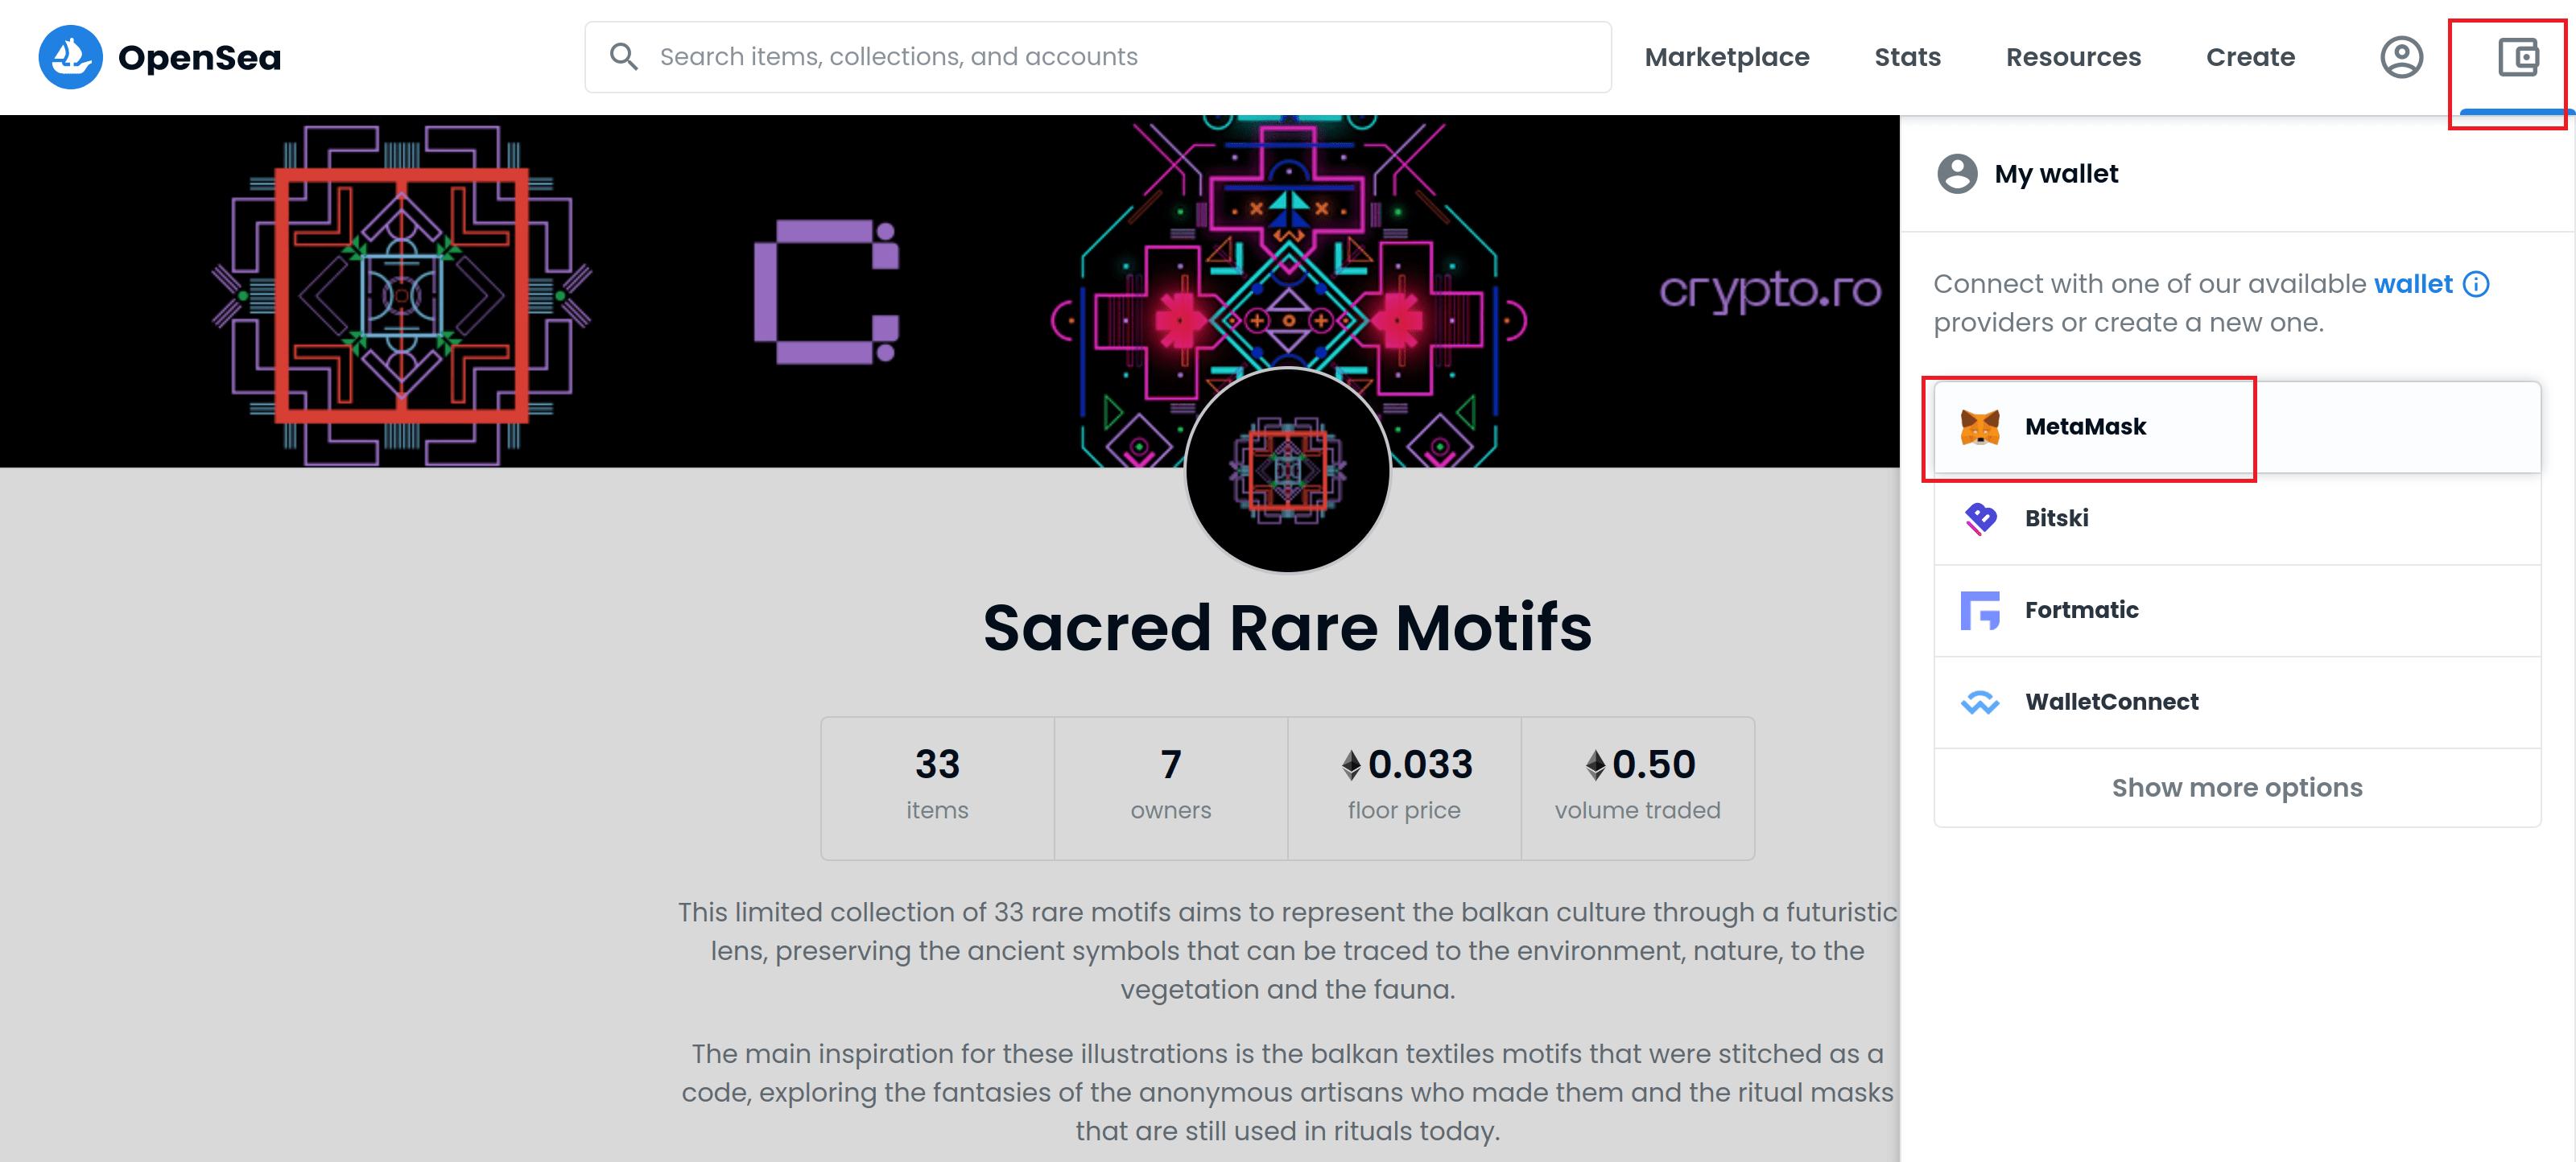 Sacred Rare Motifs: crypto.ro a lansat 33 de NFT-uri rare cu motive tradiționale balcanice